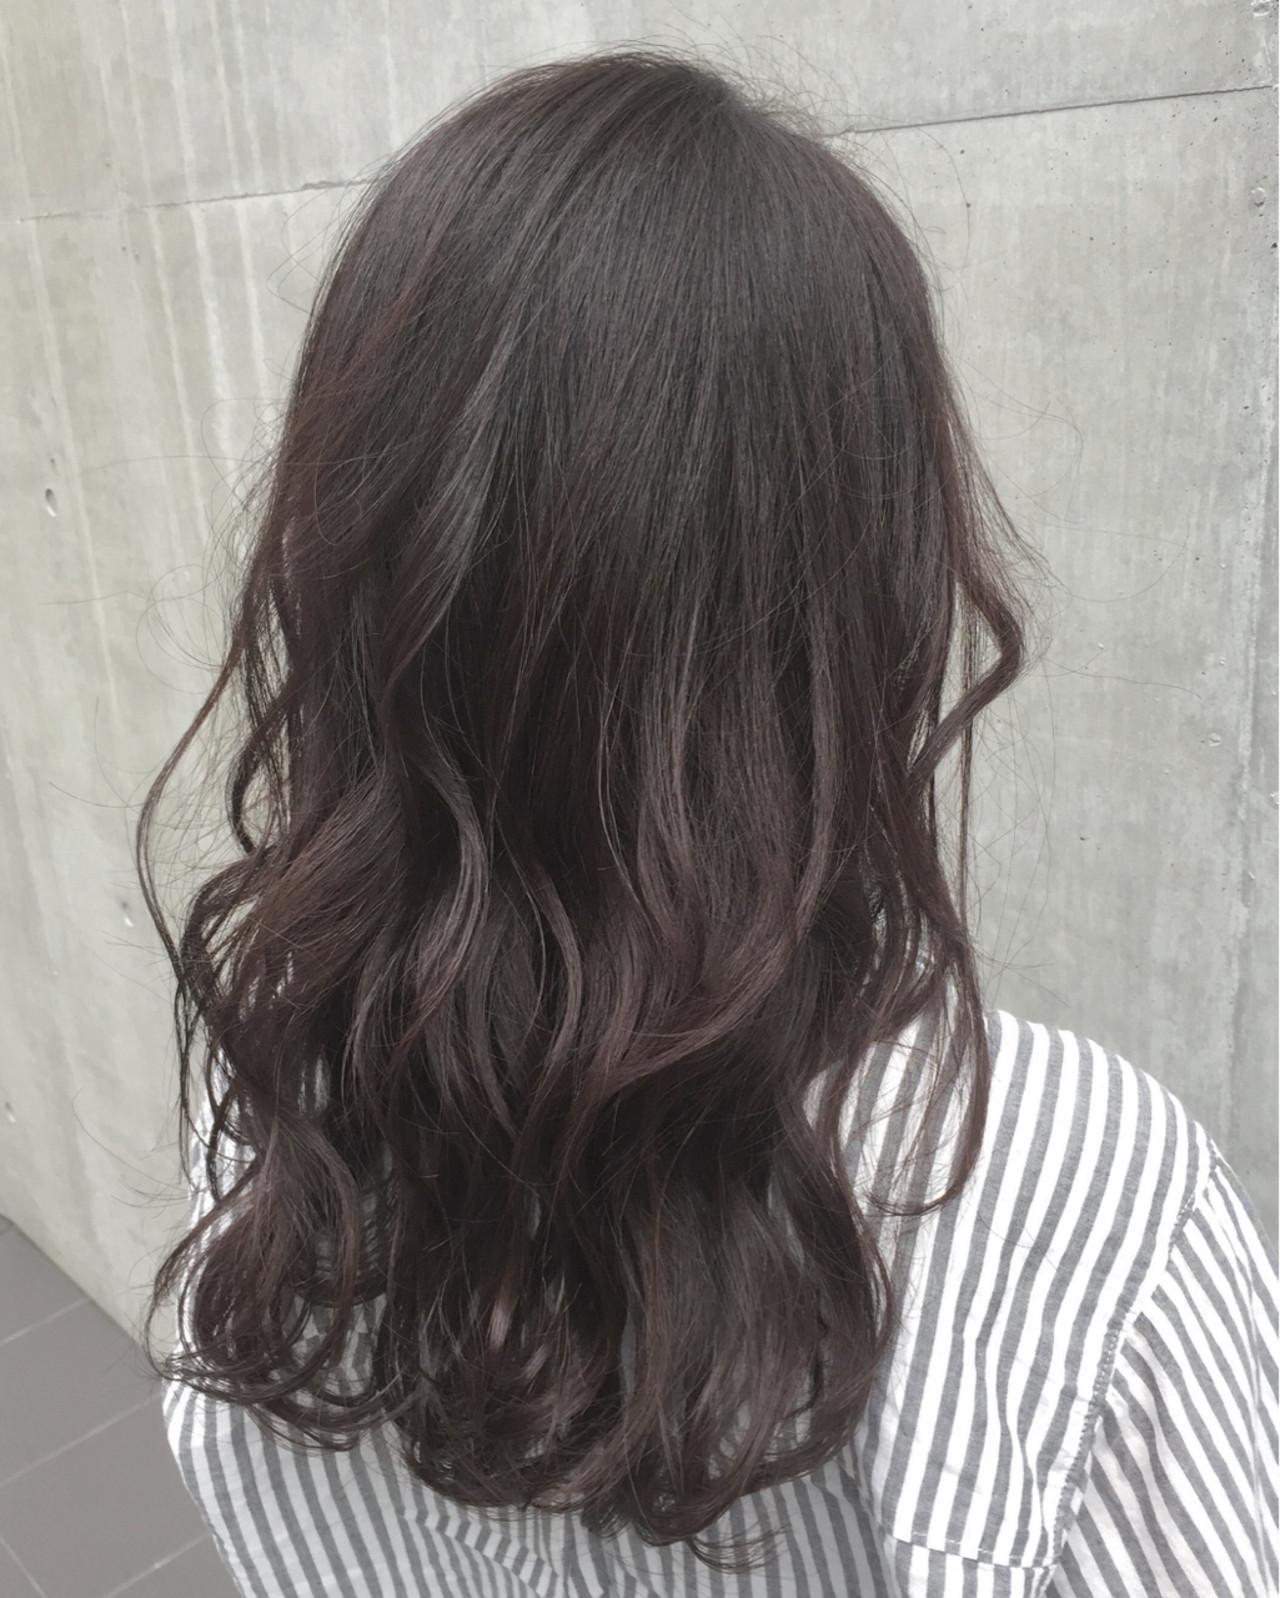 暗髪 パーマ セミロング ミディアム ヘアスタイルや髪型の写真・画像 | 前田賢太 HOULe 表参道 / HOULe